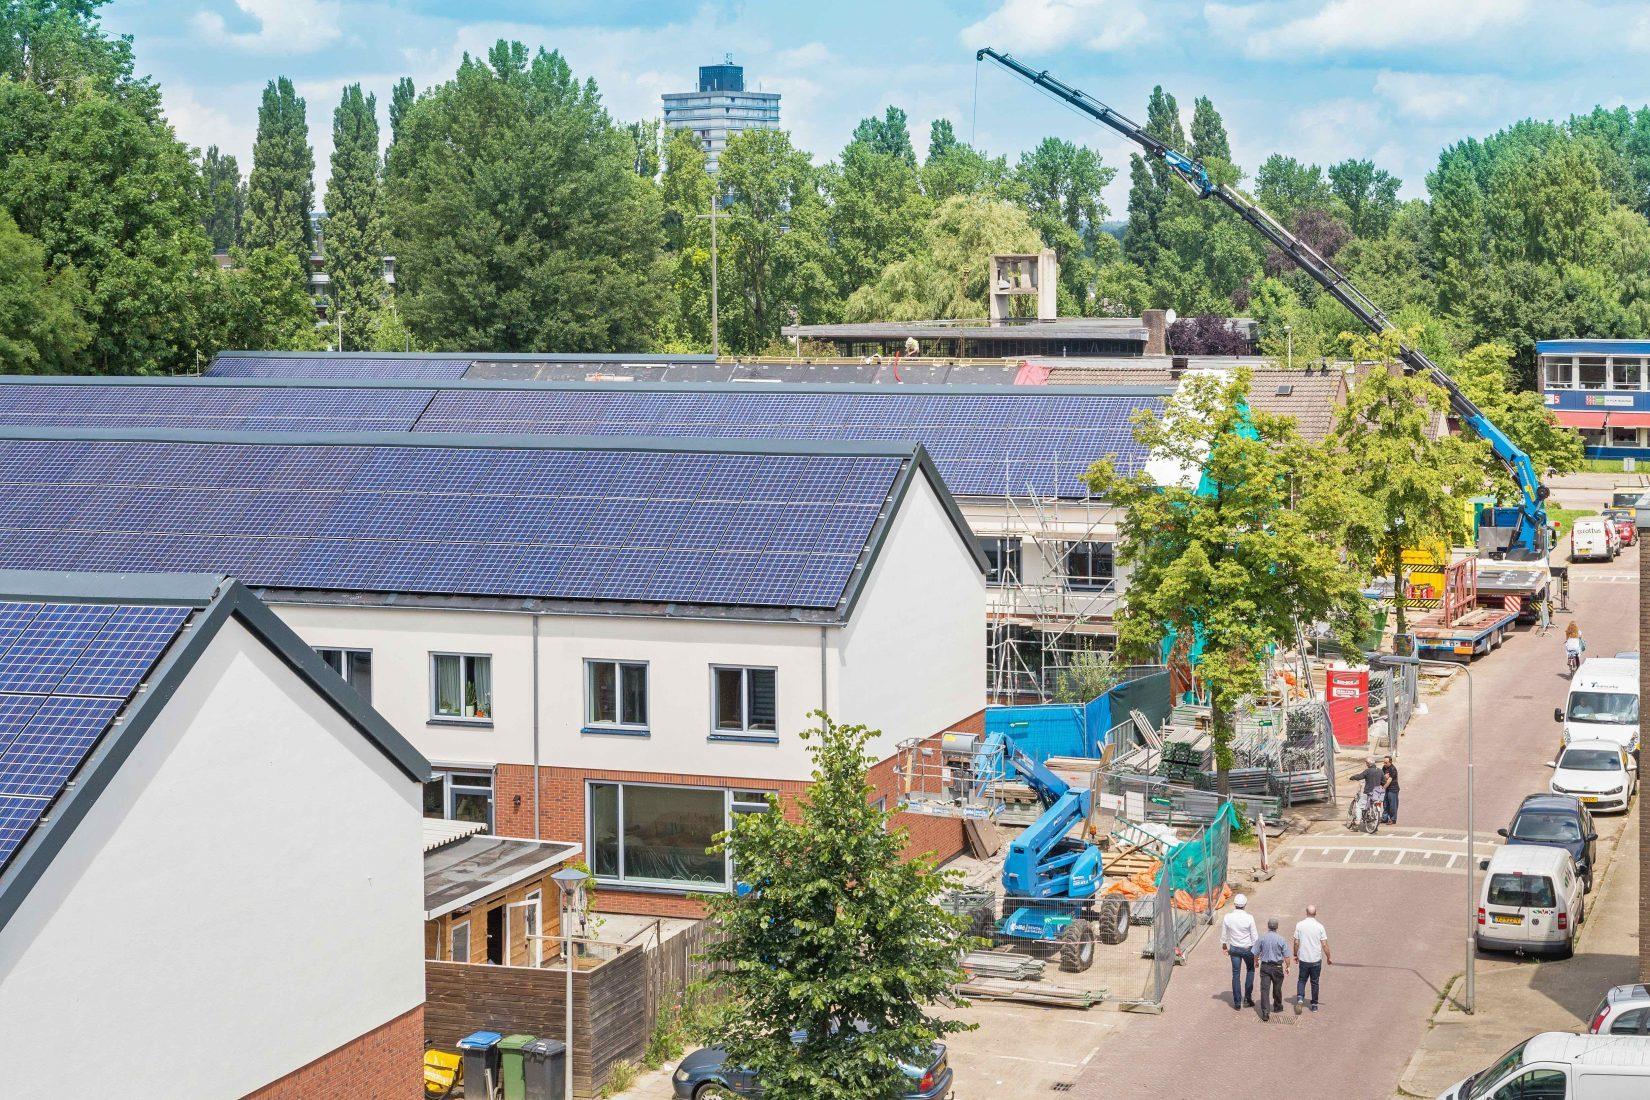 Serielle Sanierung von Reihenhäusern in Arnhem (Niederlande). Foto: Energiesprong International